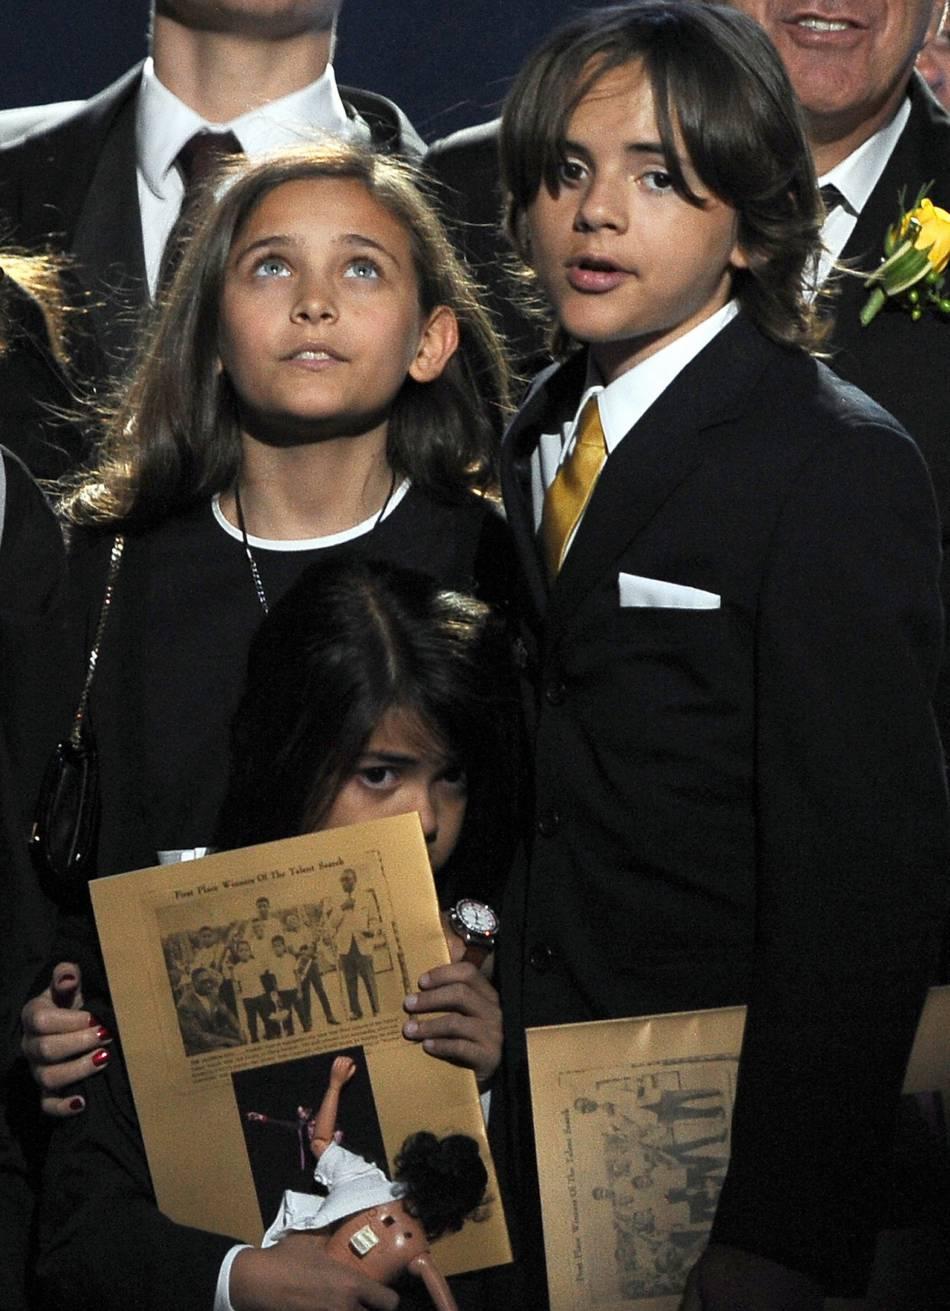 Le monde entier a découvert le visage des enfants du King of Pop lors de sa mort.